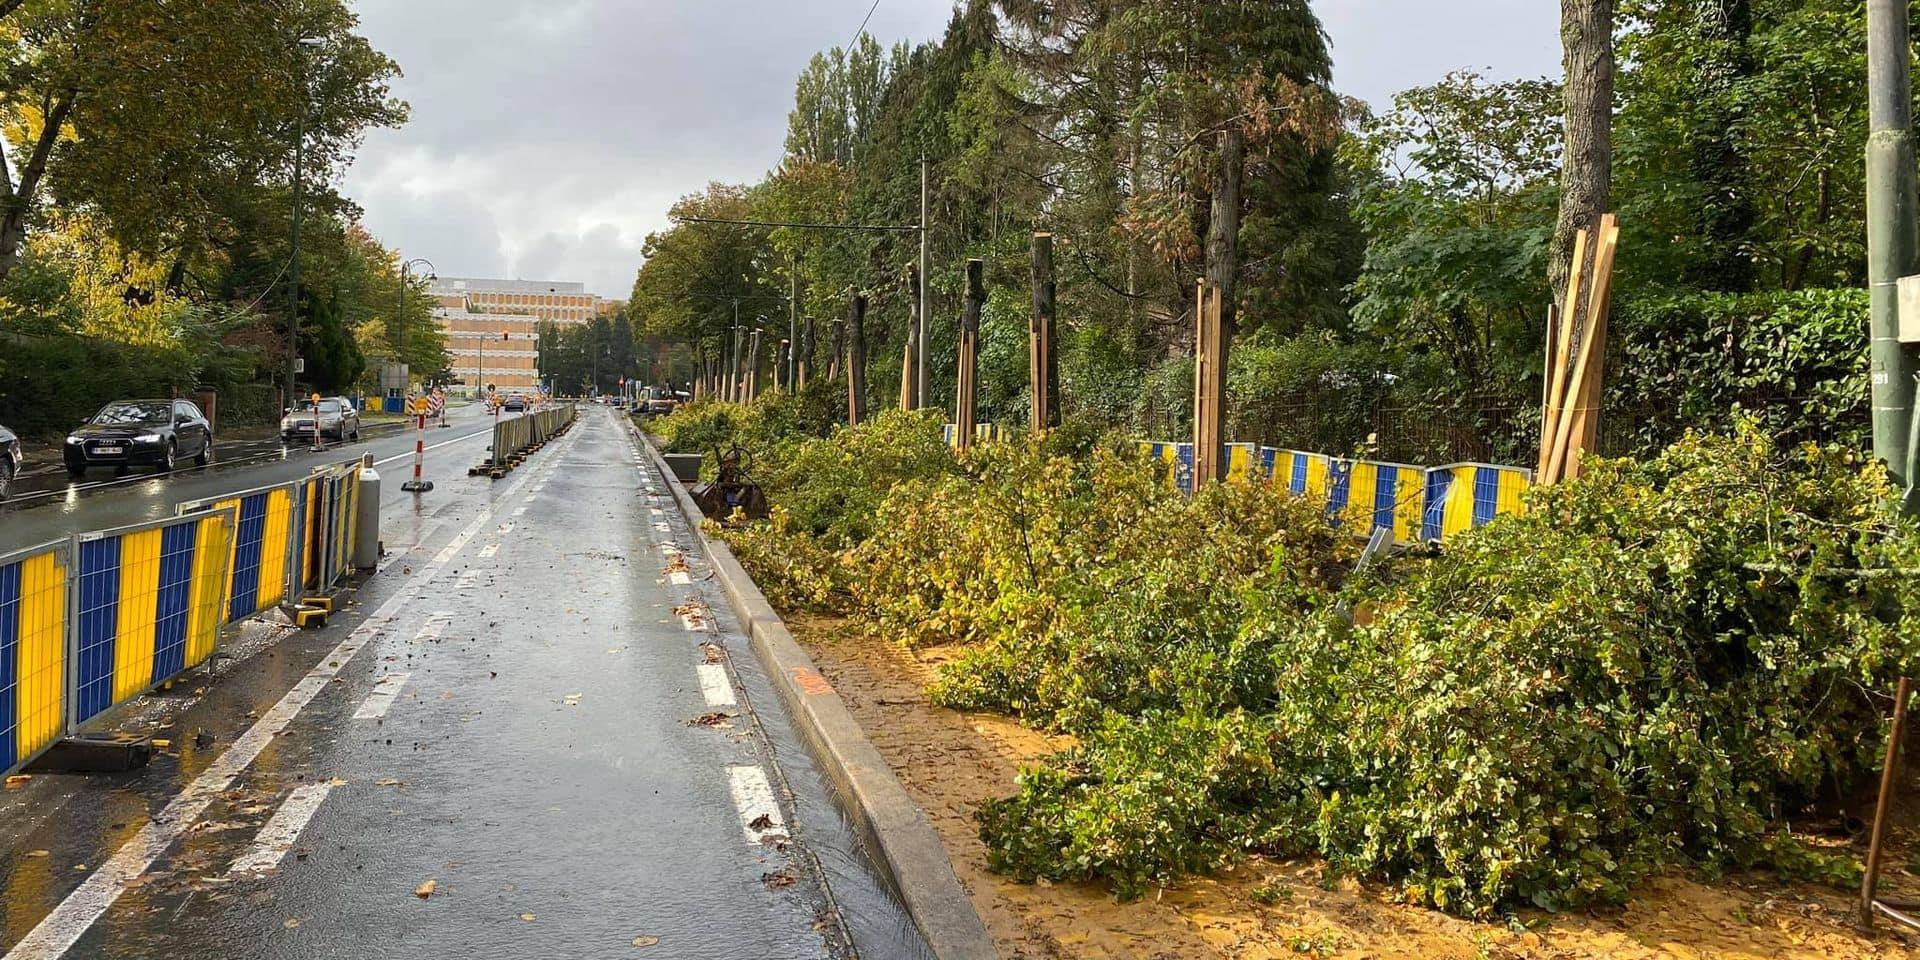 Le chantier Stib à Watermael-Boitsfort tourne au fiasco : 19 tilleuls en cours d'abattage